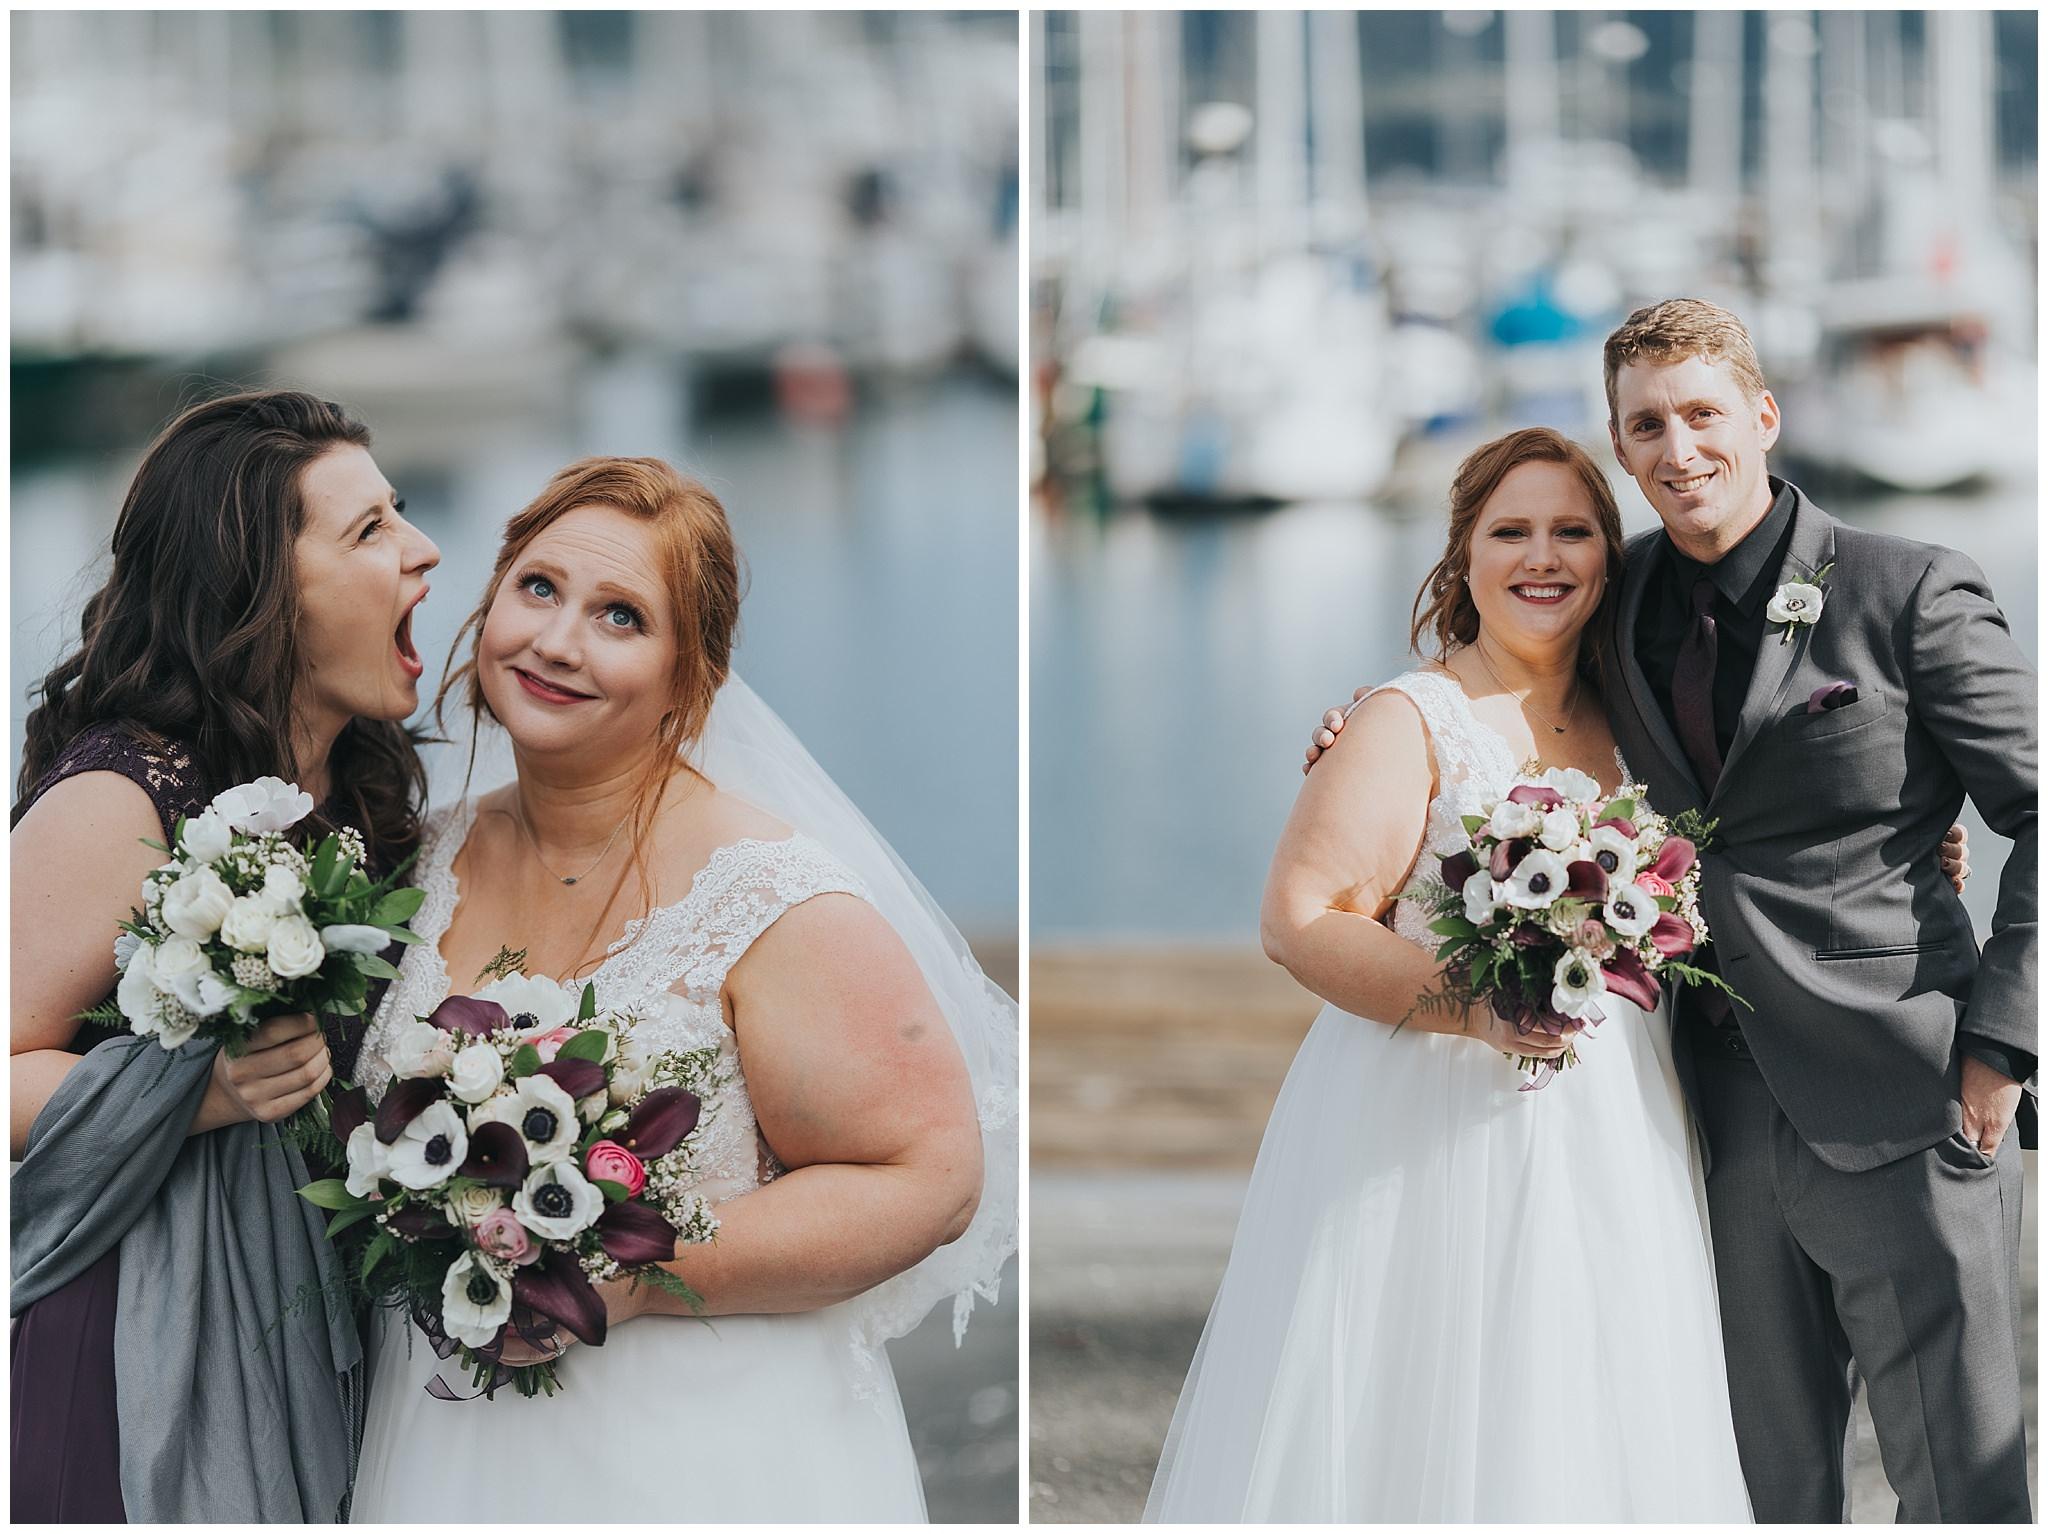 seattleweddingphotography47.jpg